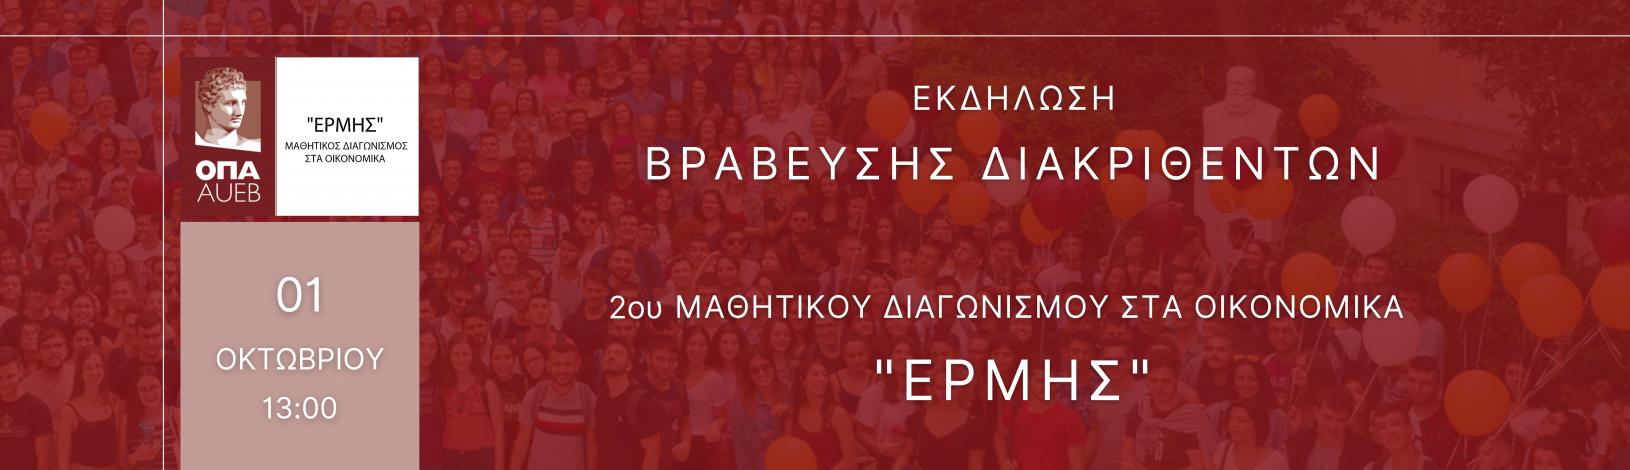 Εκδήλωση – Βράβευση Διακριθέντων 2ου Μαθητικού Διαγωνισμού στα Οικονομικά «ΕΡΜΗΣ»